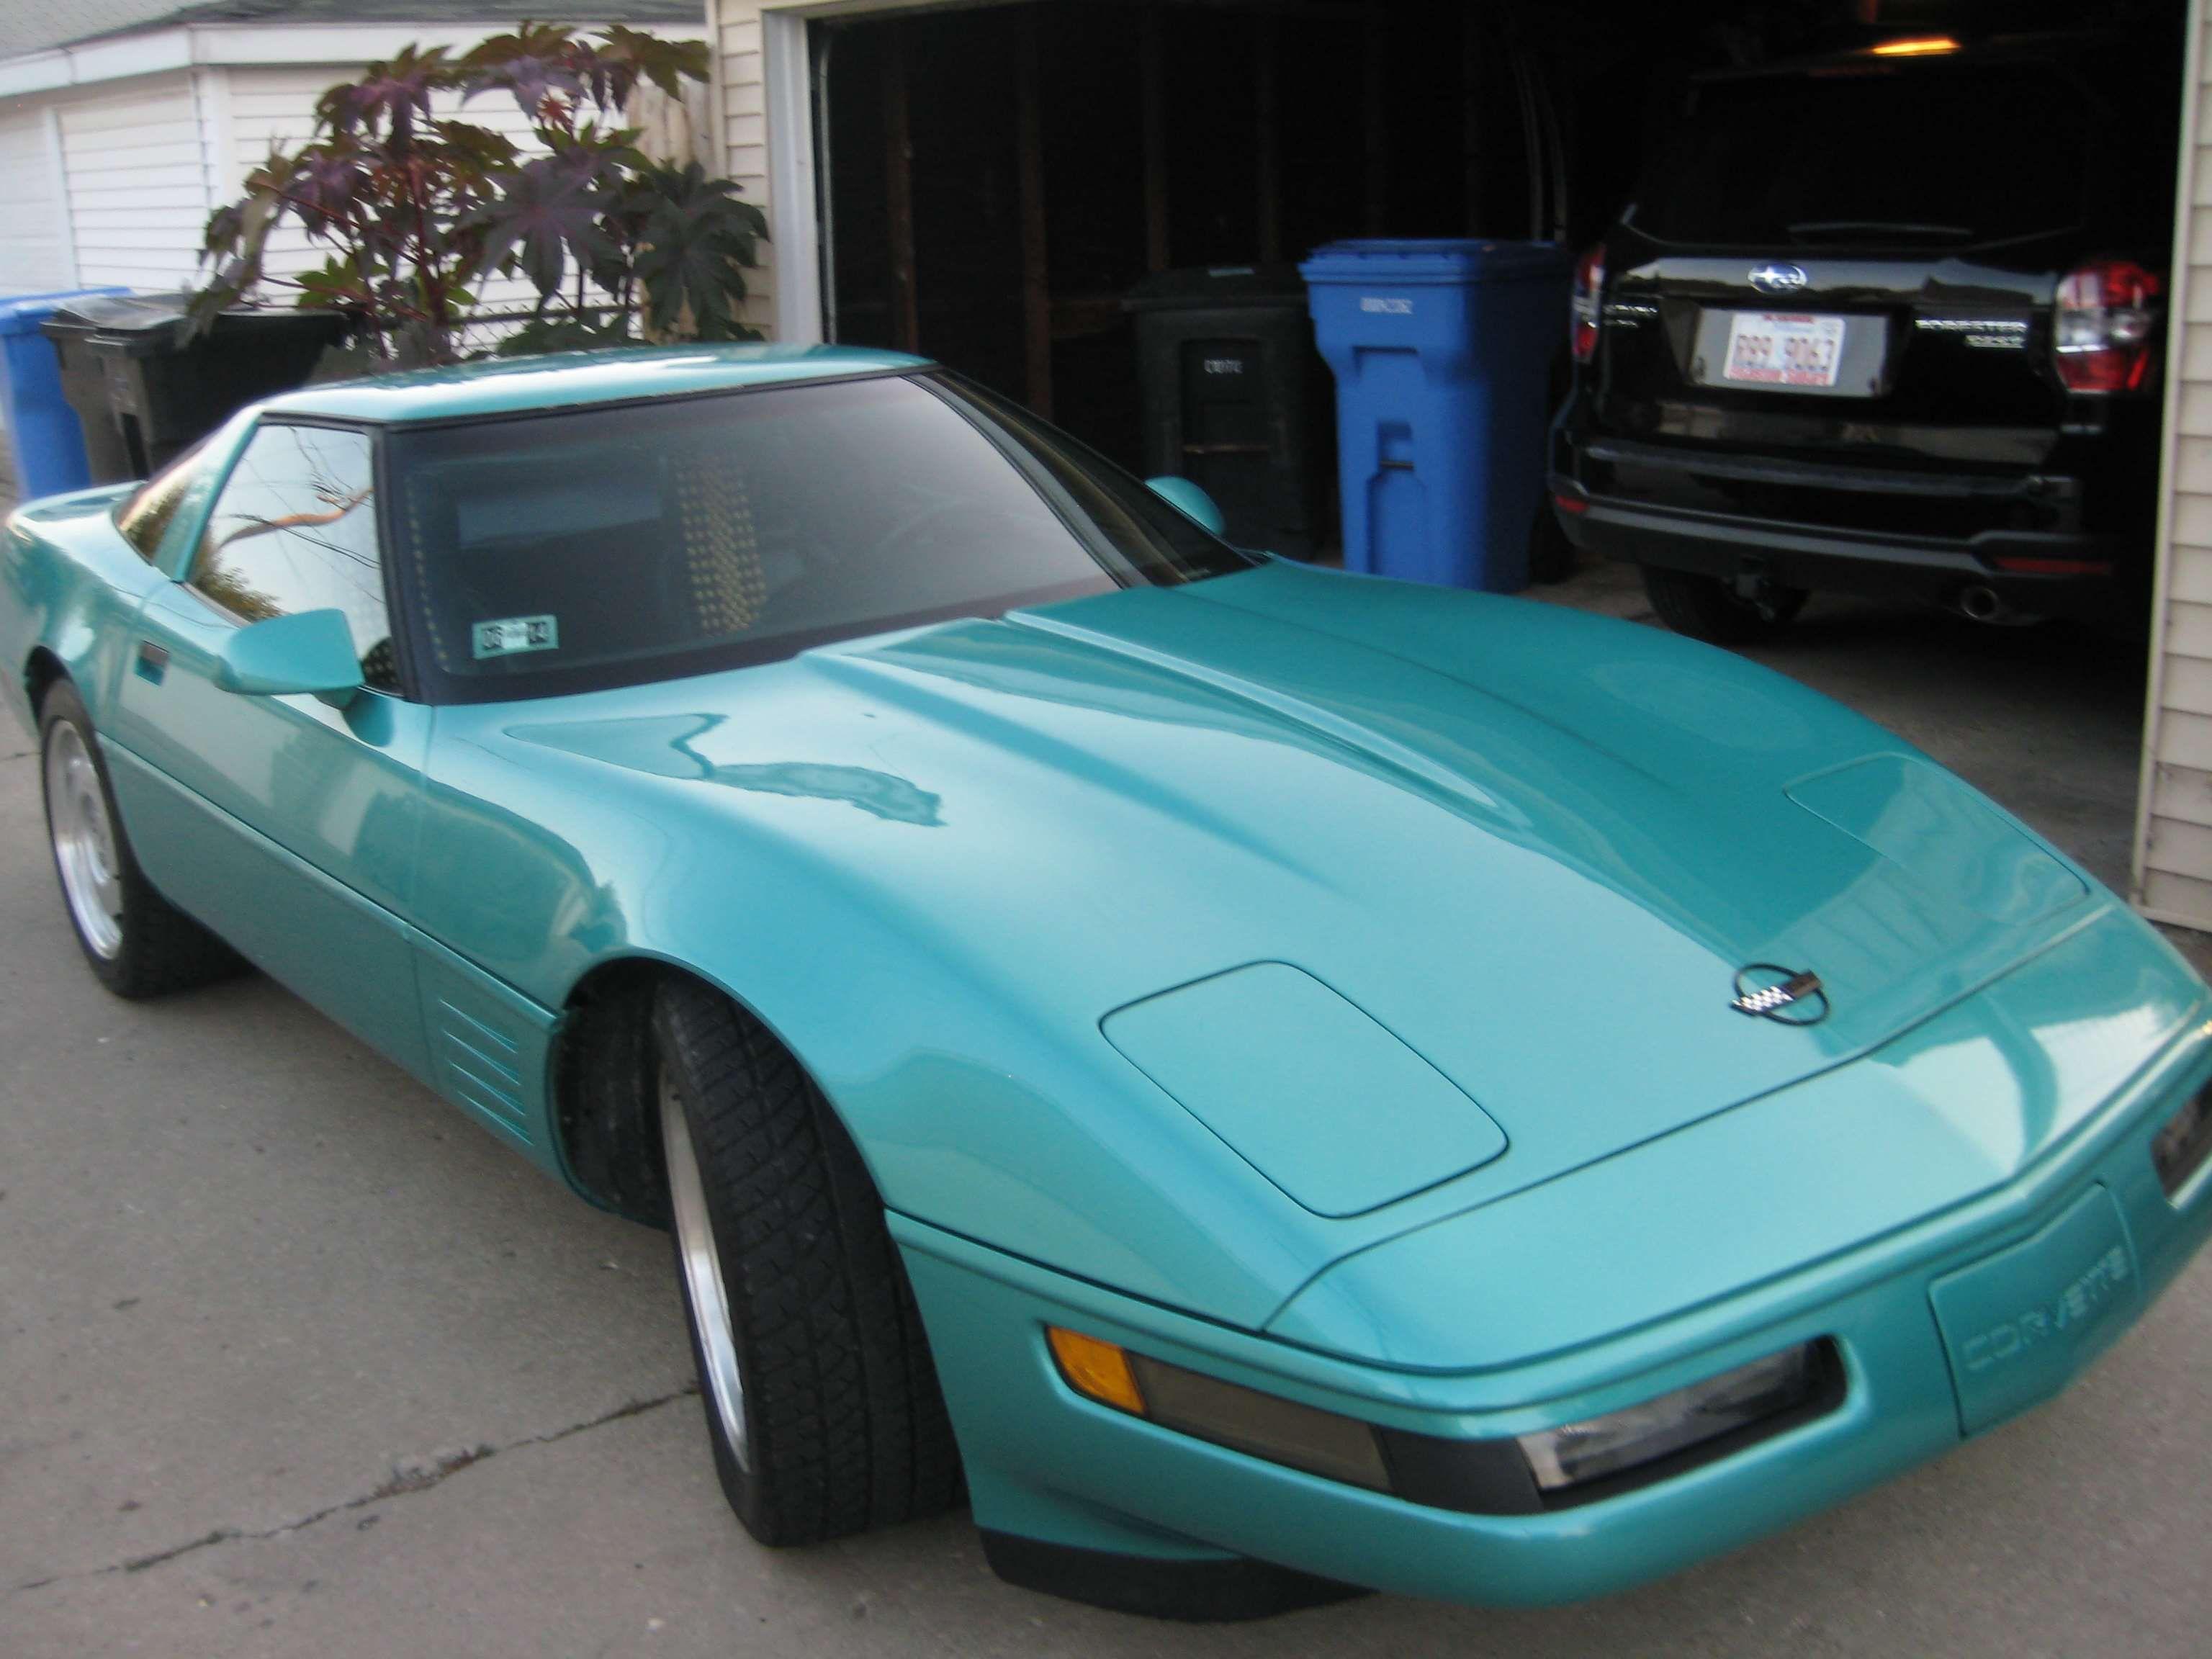 Make: Chevrolet Model: Corvette Year: 1991 Exterior Color